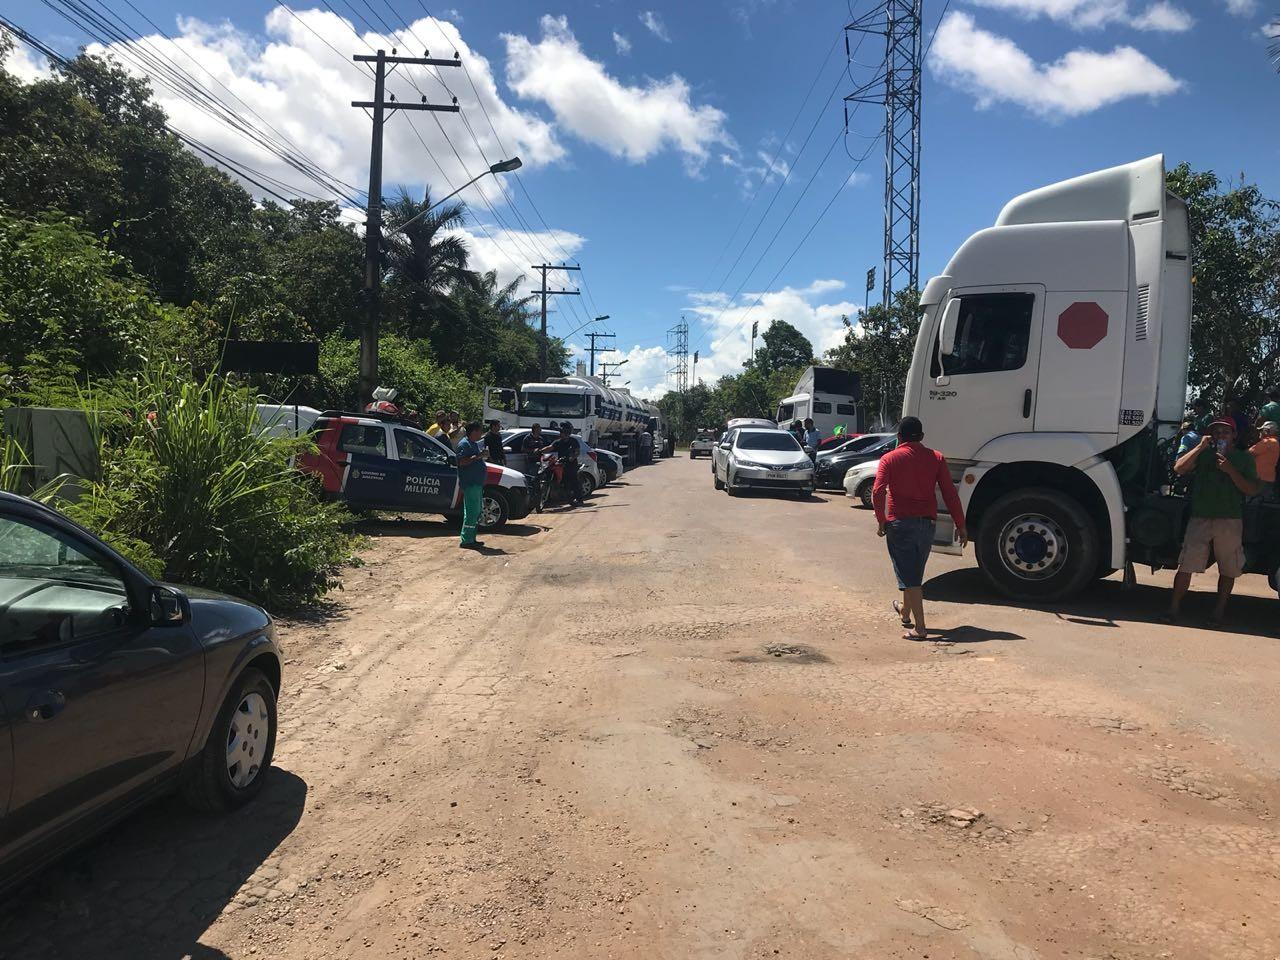 Greve de caminhoneiros faz prefeitura de Manaus decretar ponto facultativo nesta sexta-feira (25)